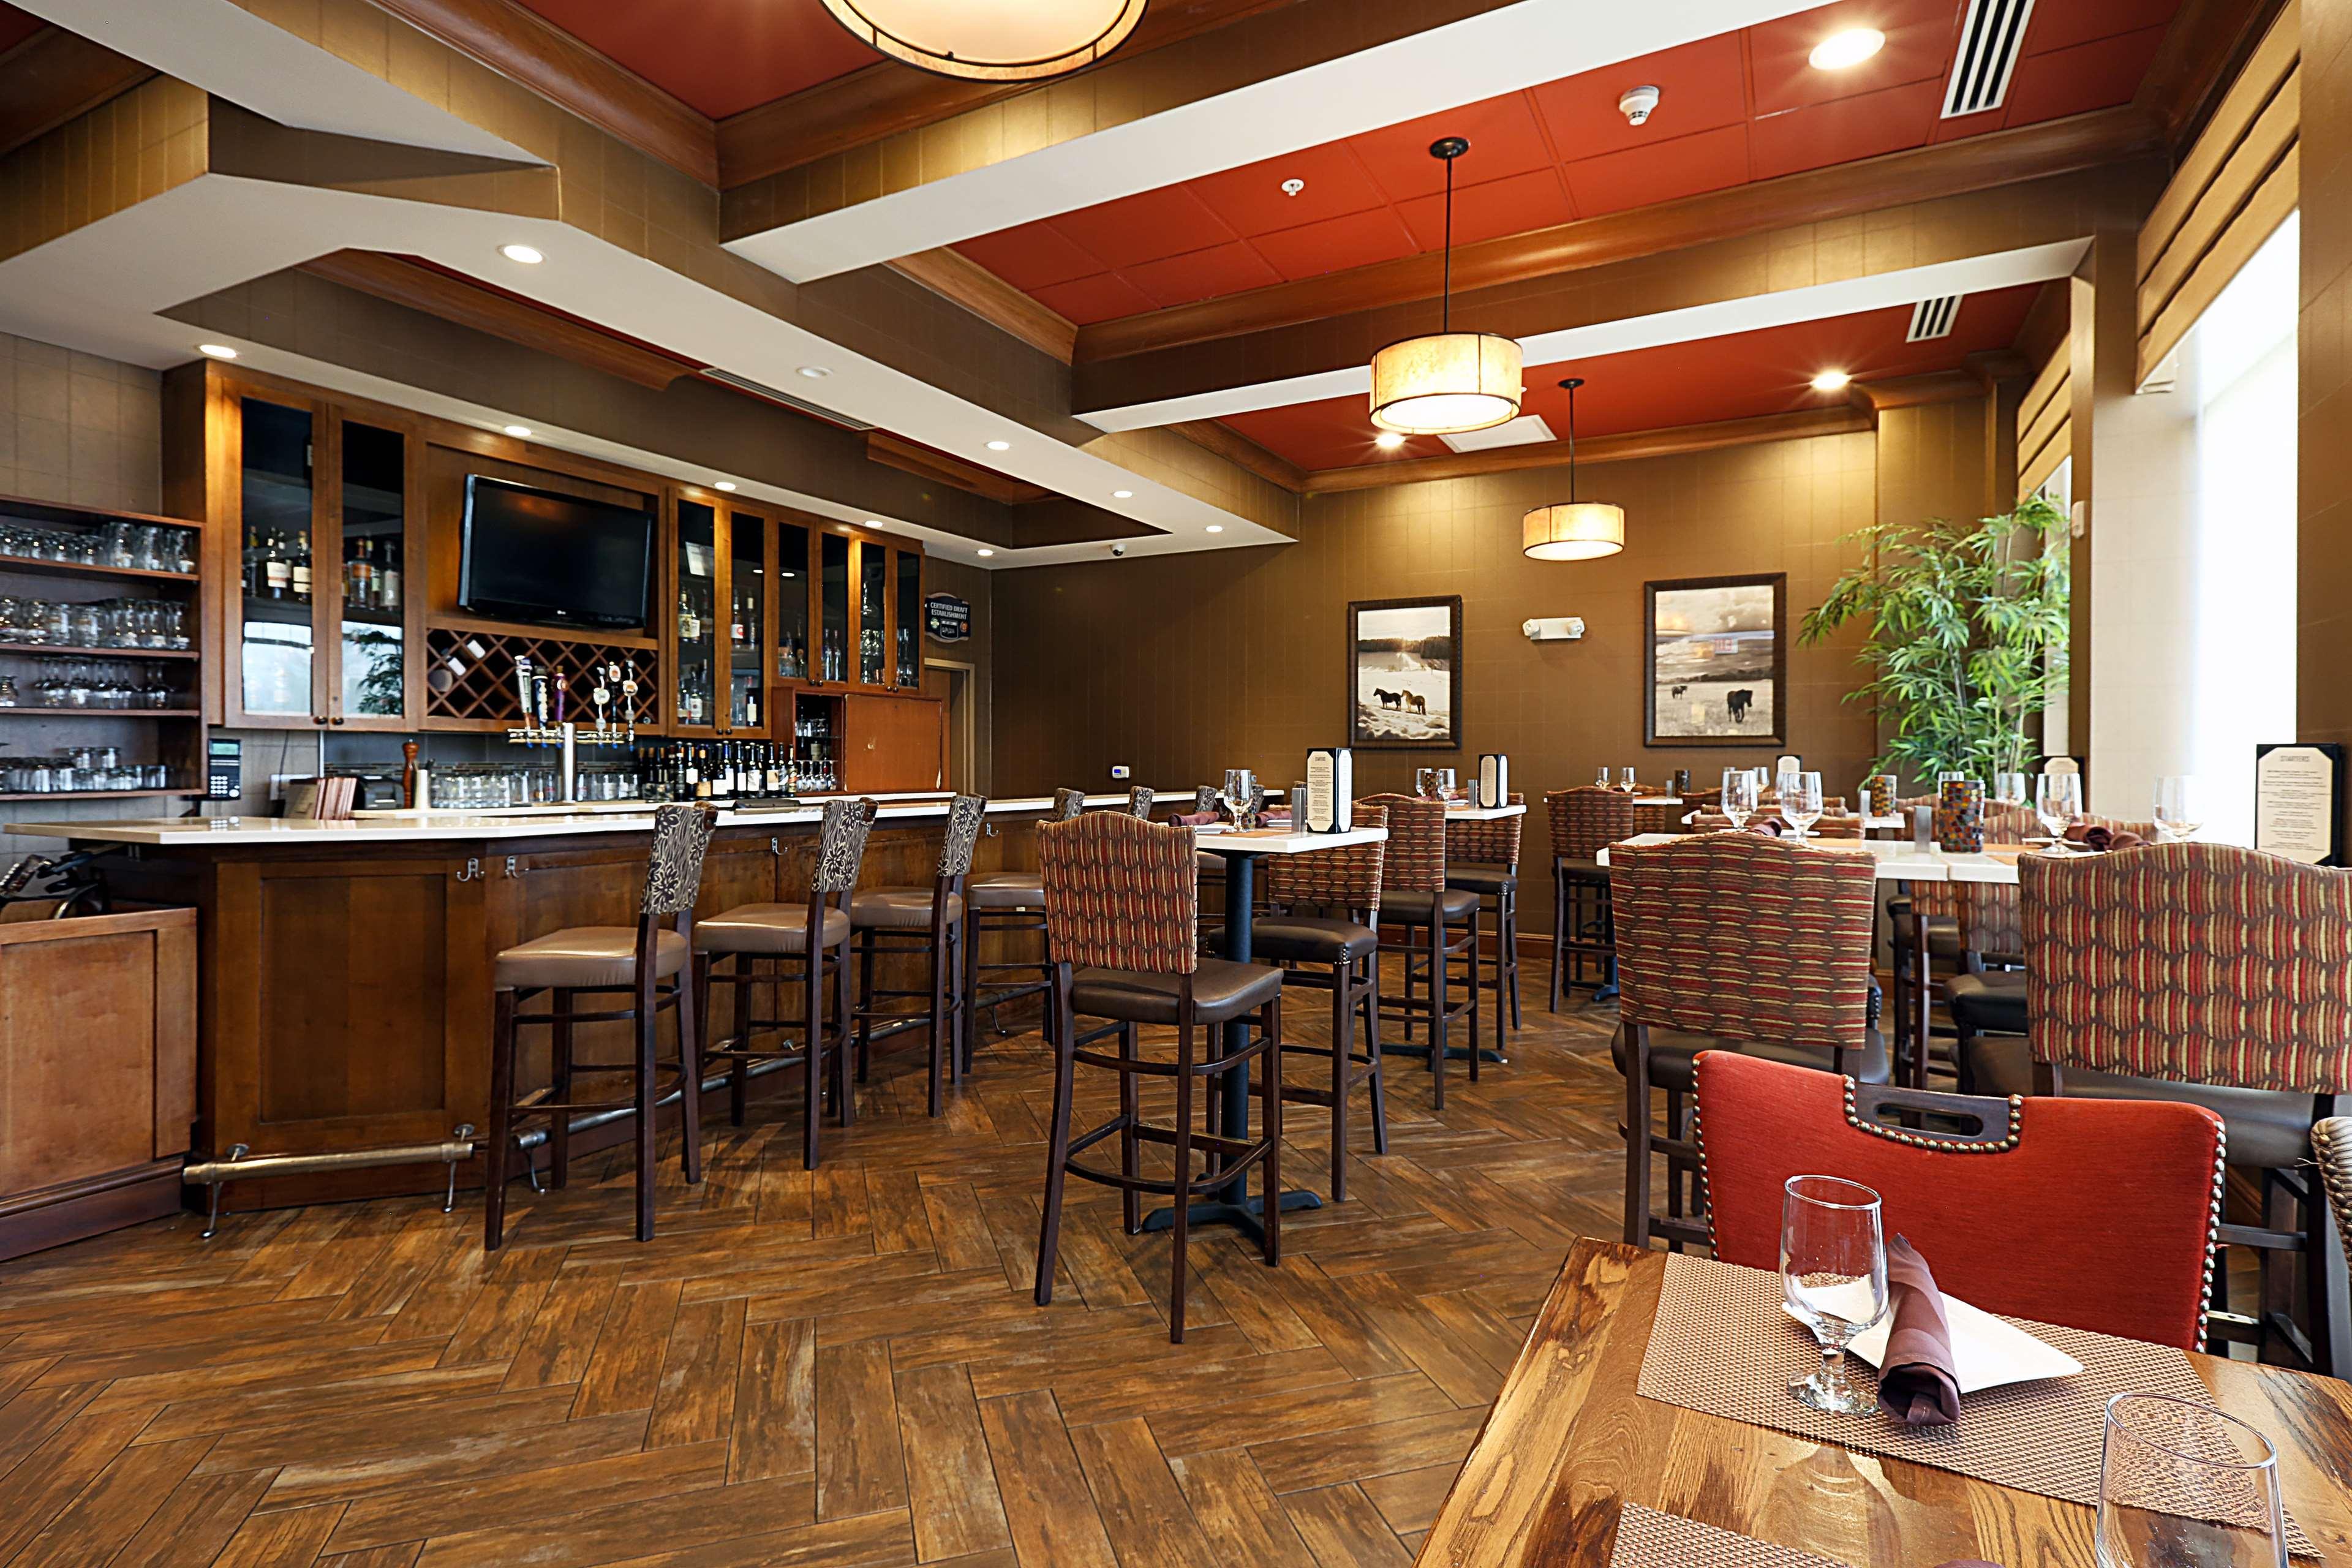 Hilton Garden Inn Clifton Park image 19